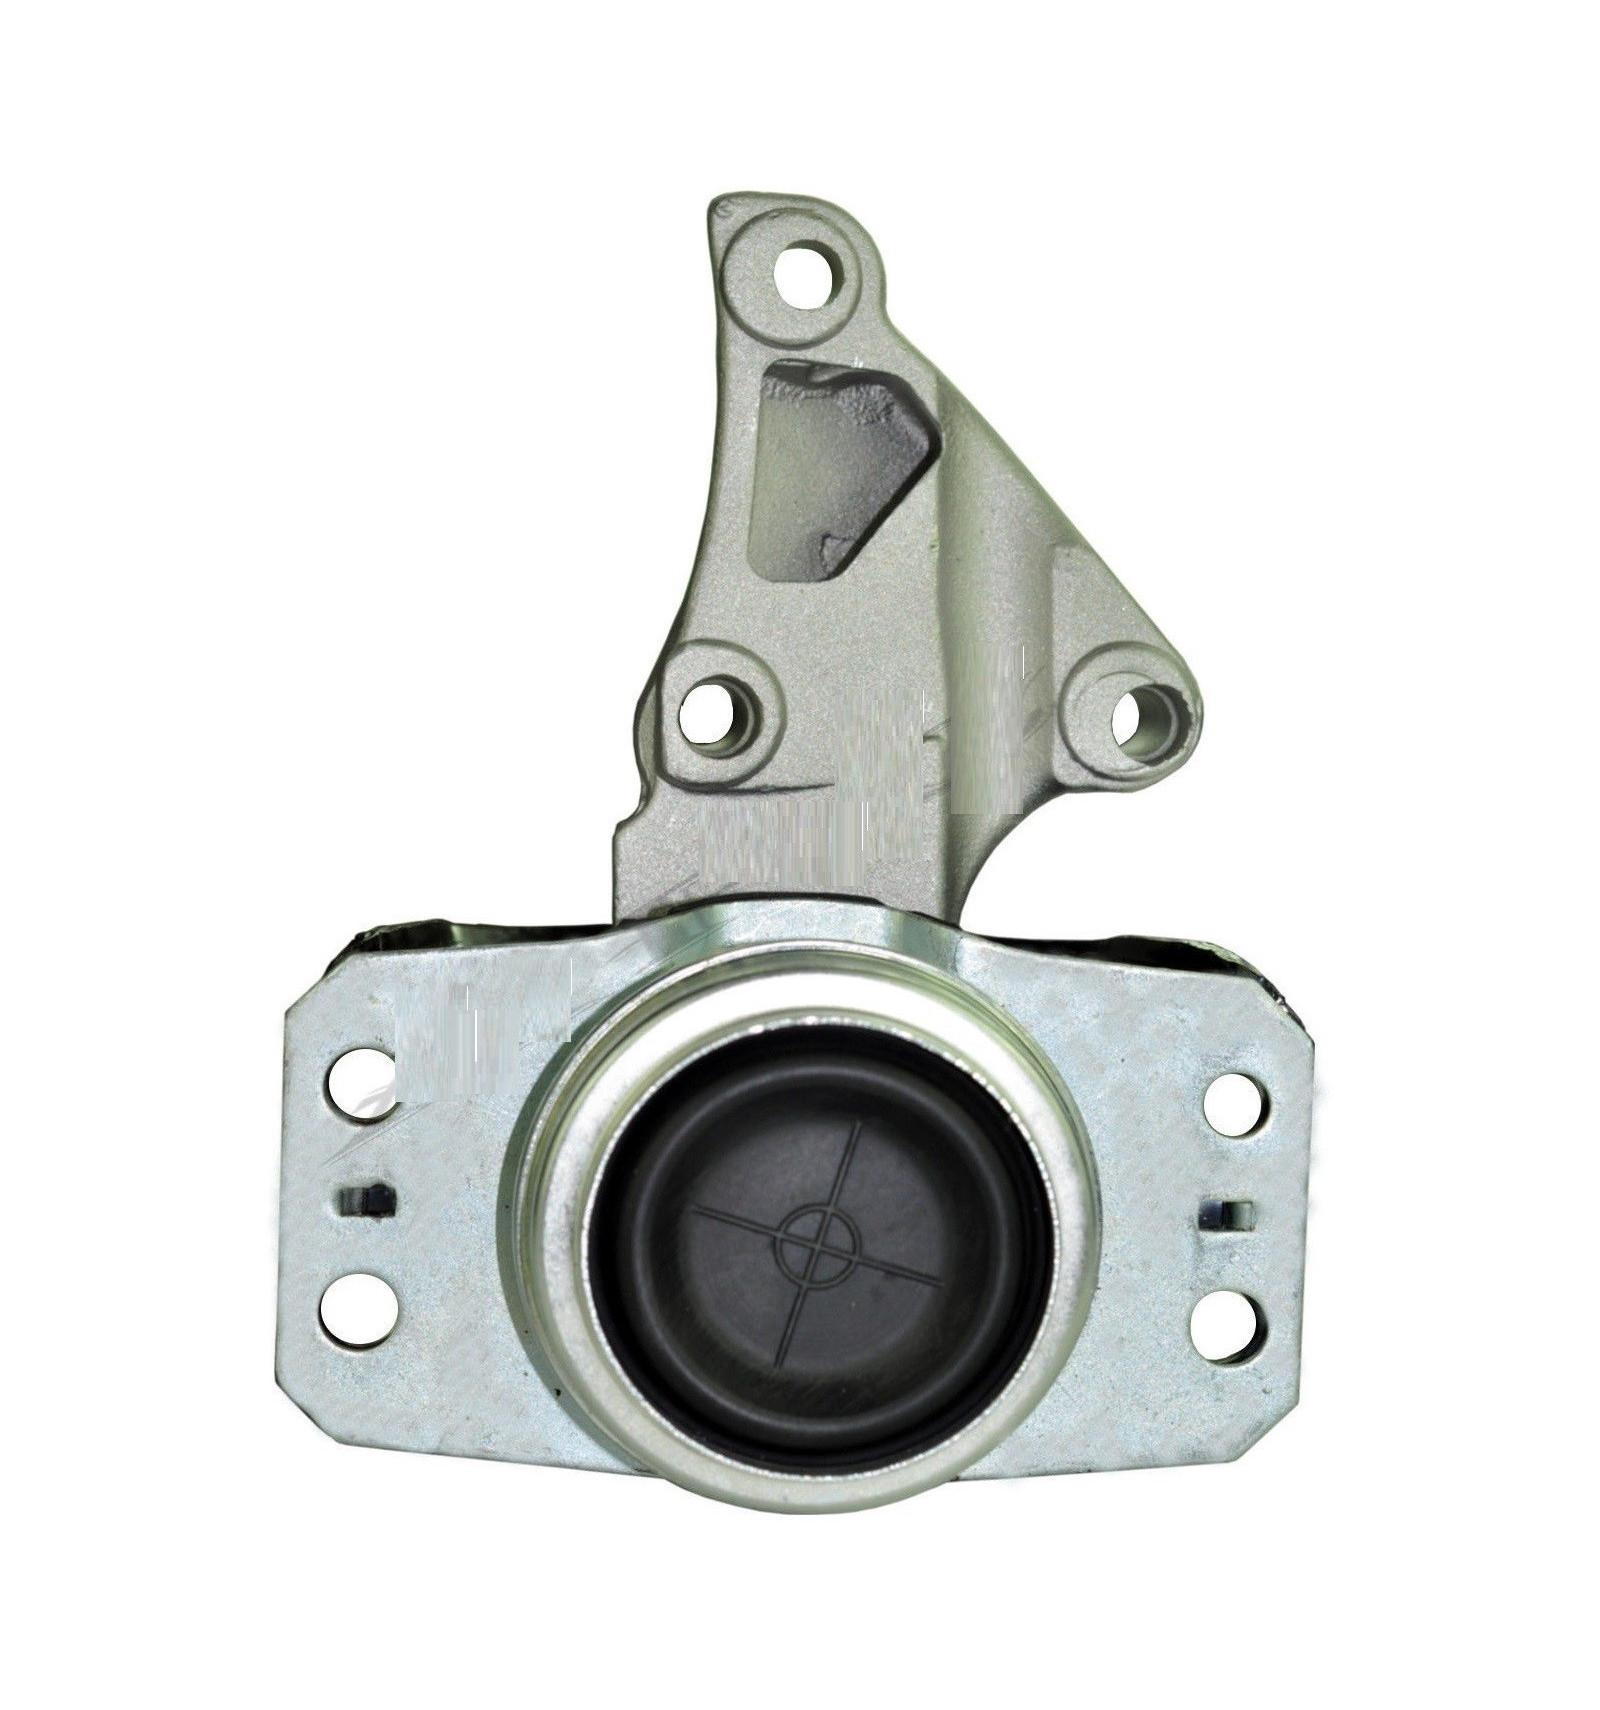 support moteur support moteur droit peugeot 307 2 0 hdi 90cv support moteur droit peugeot 307 2